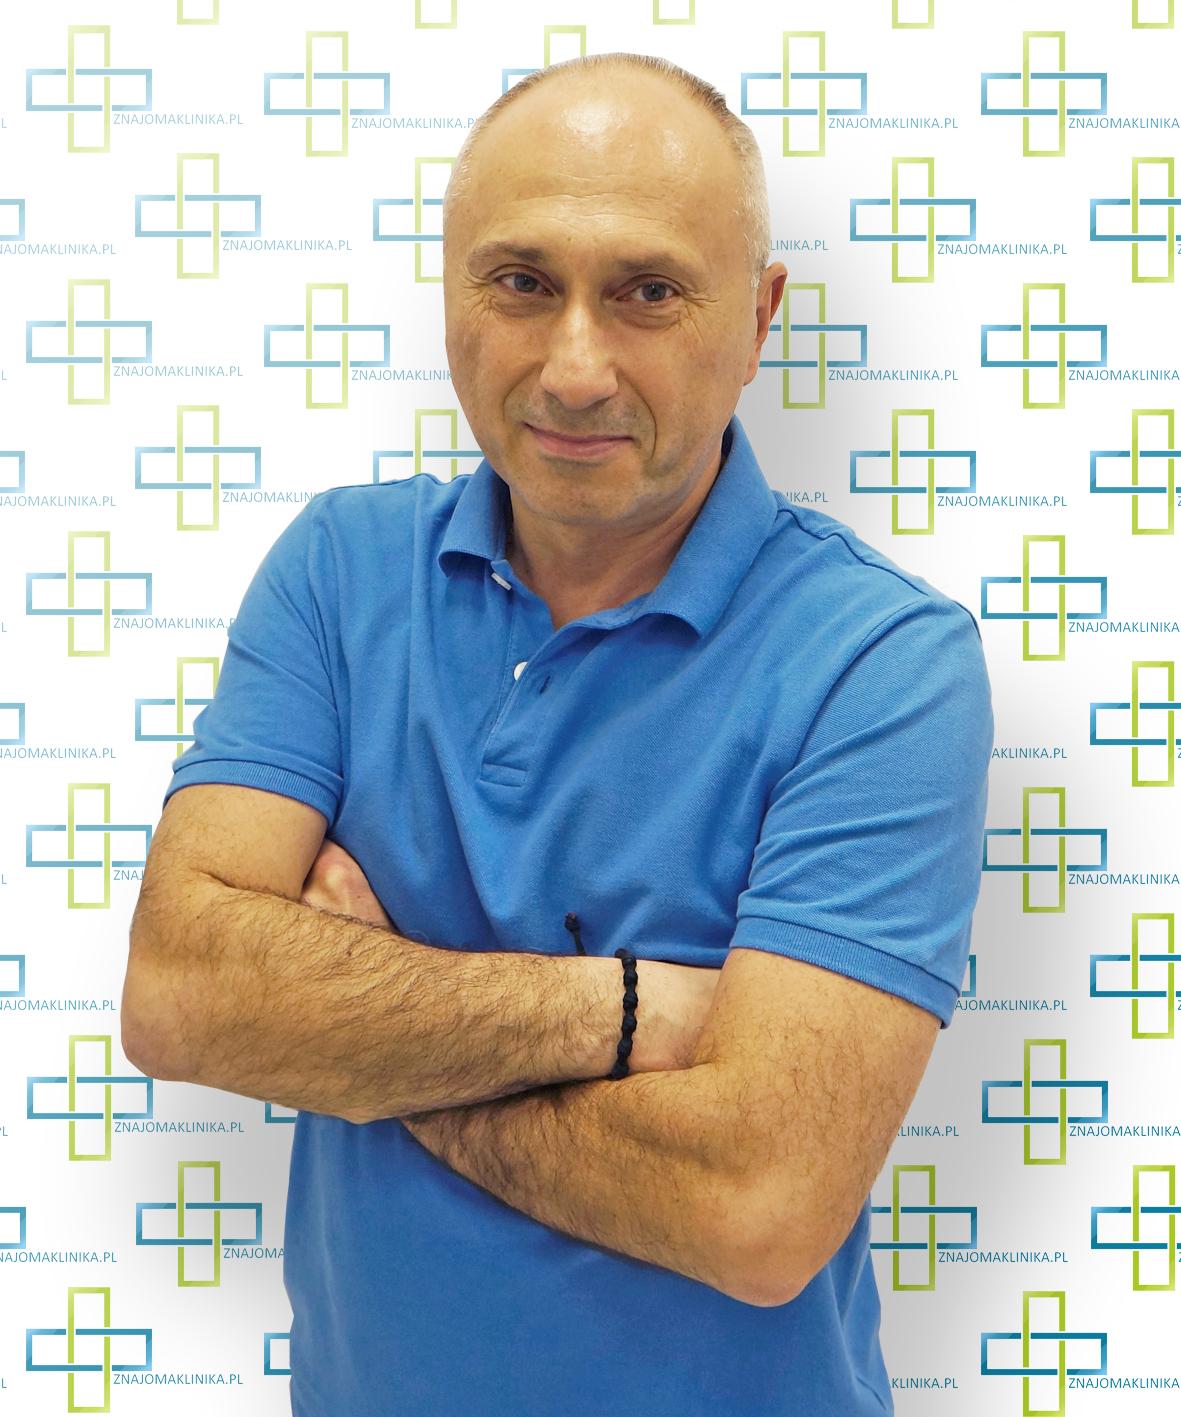 Paweł Cukrowski